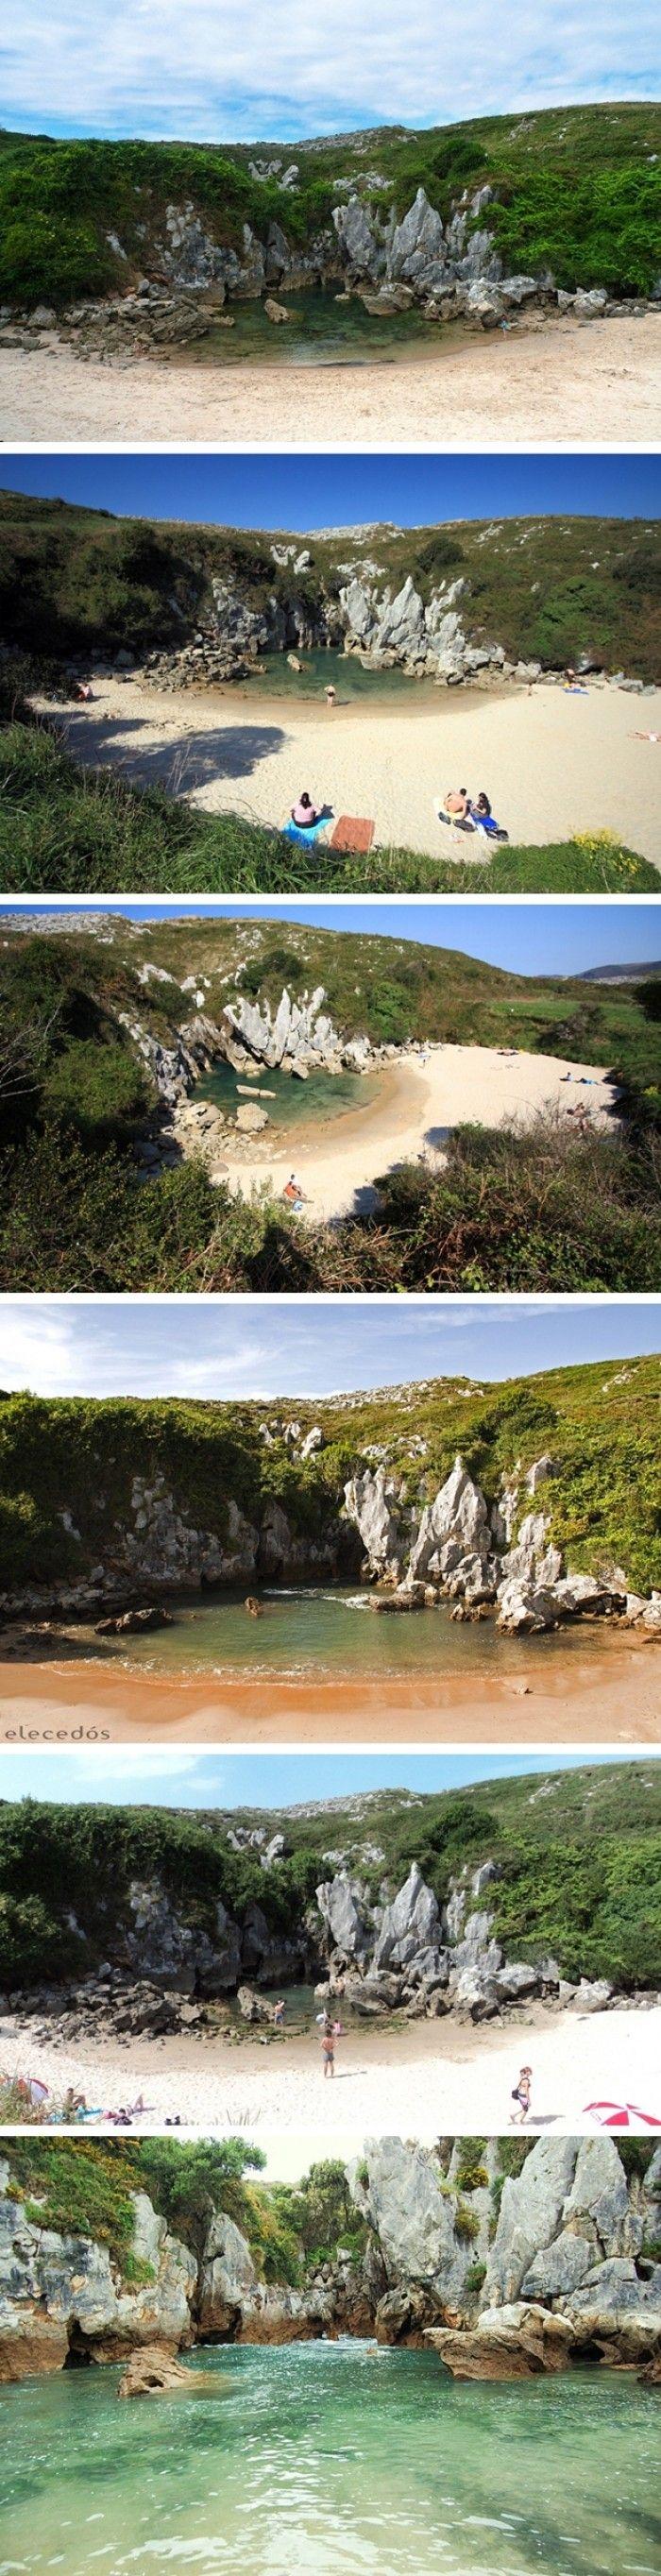 ...Denizi Olmayan Sahil Playa De Gulpiyuri'den Muhteşem Kareler